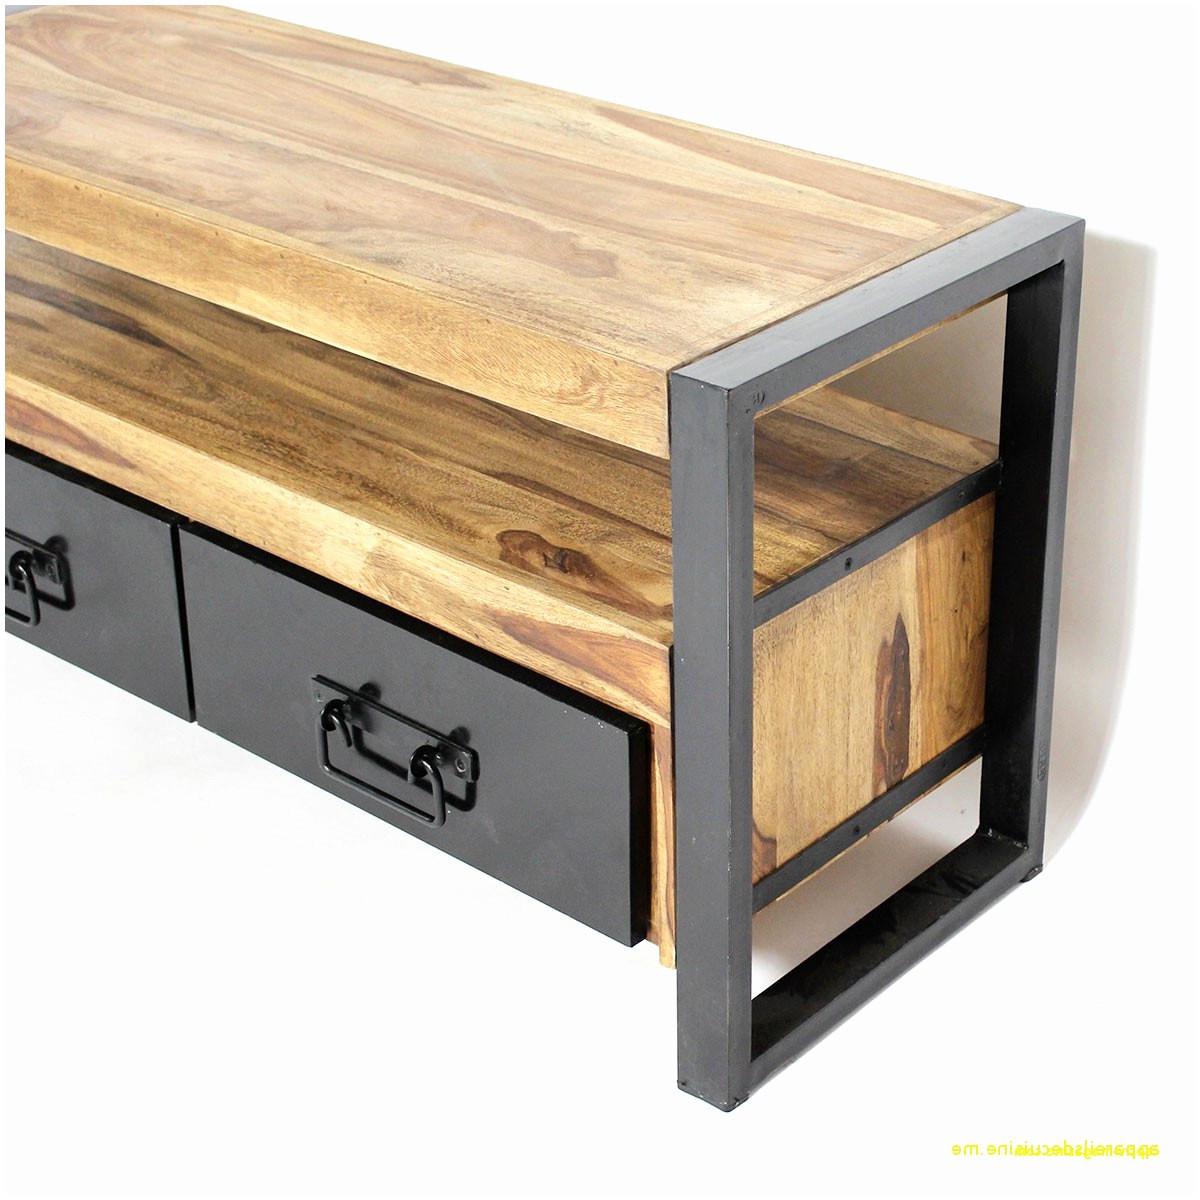 Paravent Ikea Pas Cher Nouveau Collection Meuble En Bois Pas Cher Luxe Paravent Pas Cher En Bois Idee Bureau